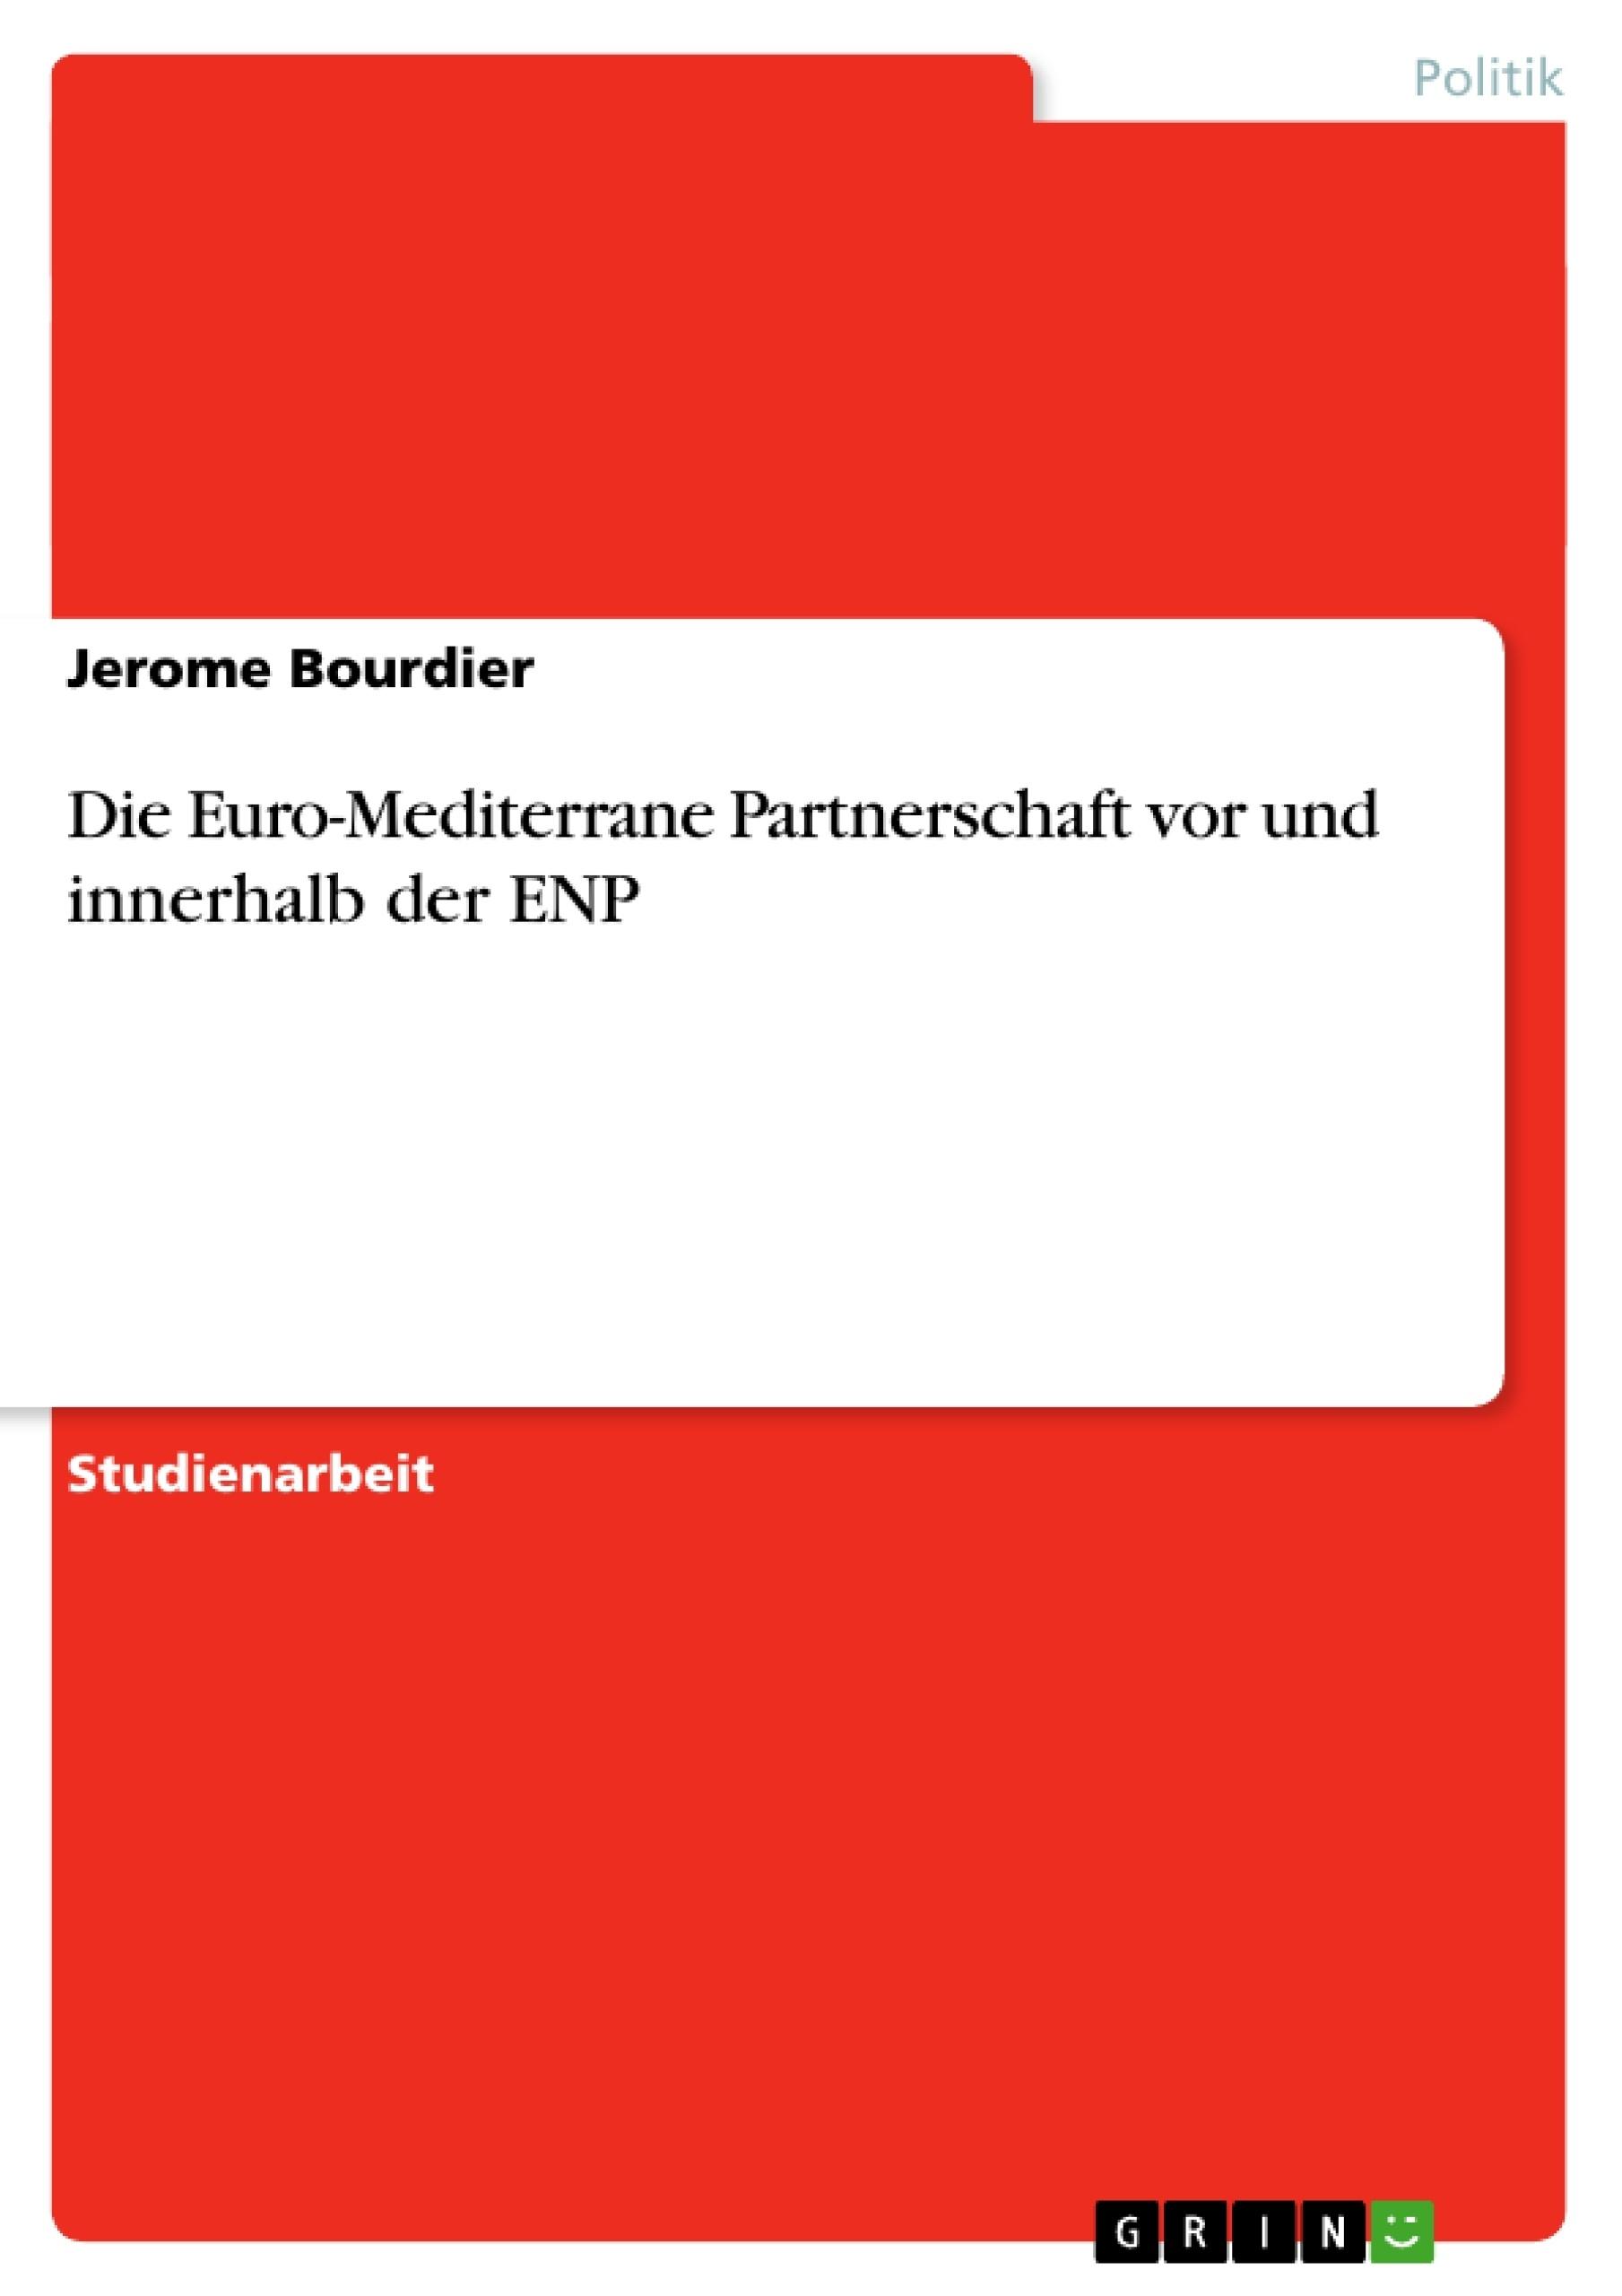 Titel: Die Euro-Mediterrane Partnerschaft vor und innerhalb der ENP